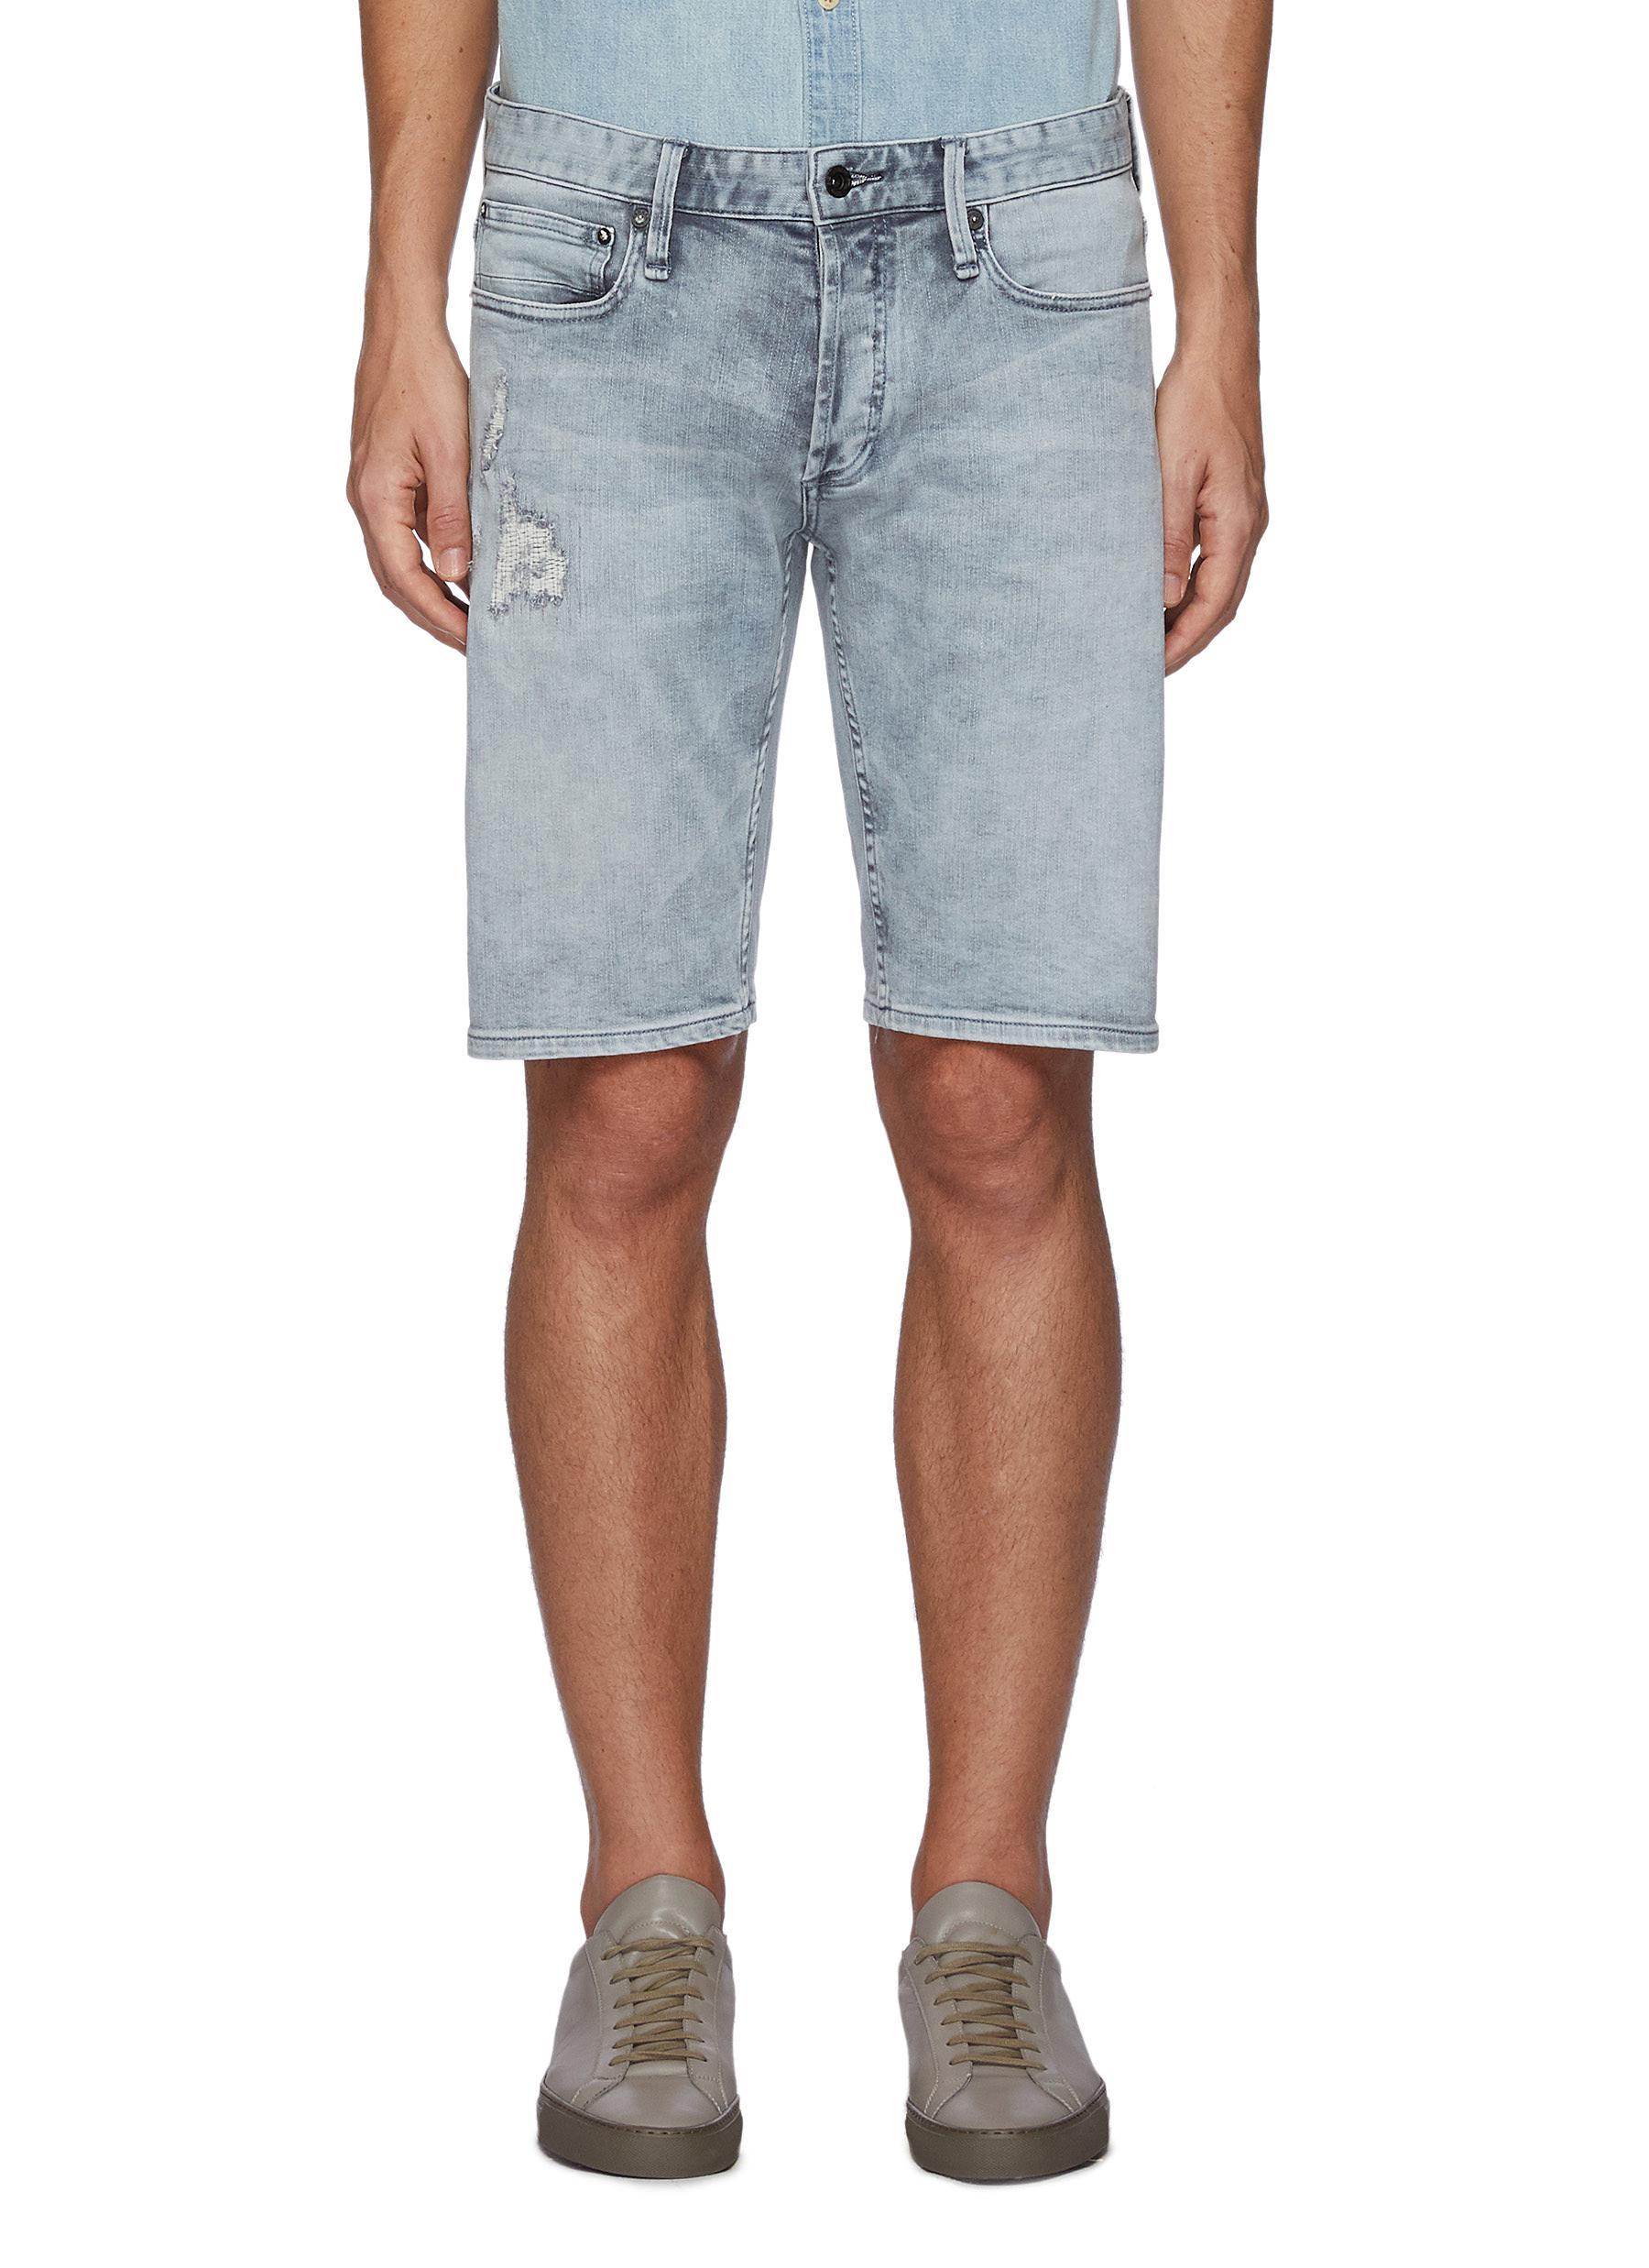 Razor' Repair Detail Knee Length Denim Shorts